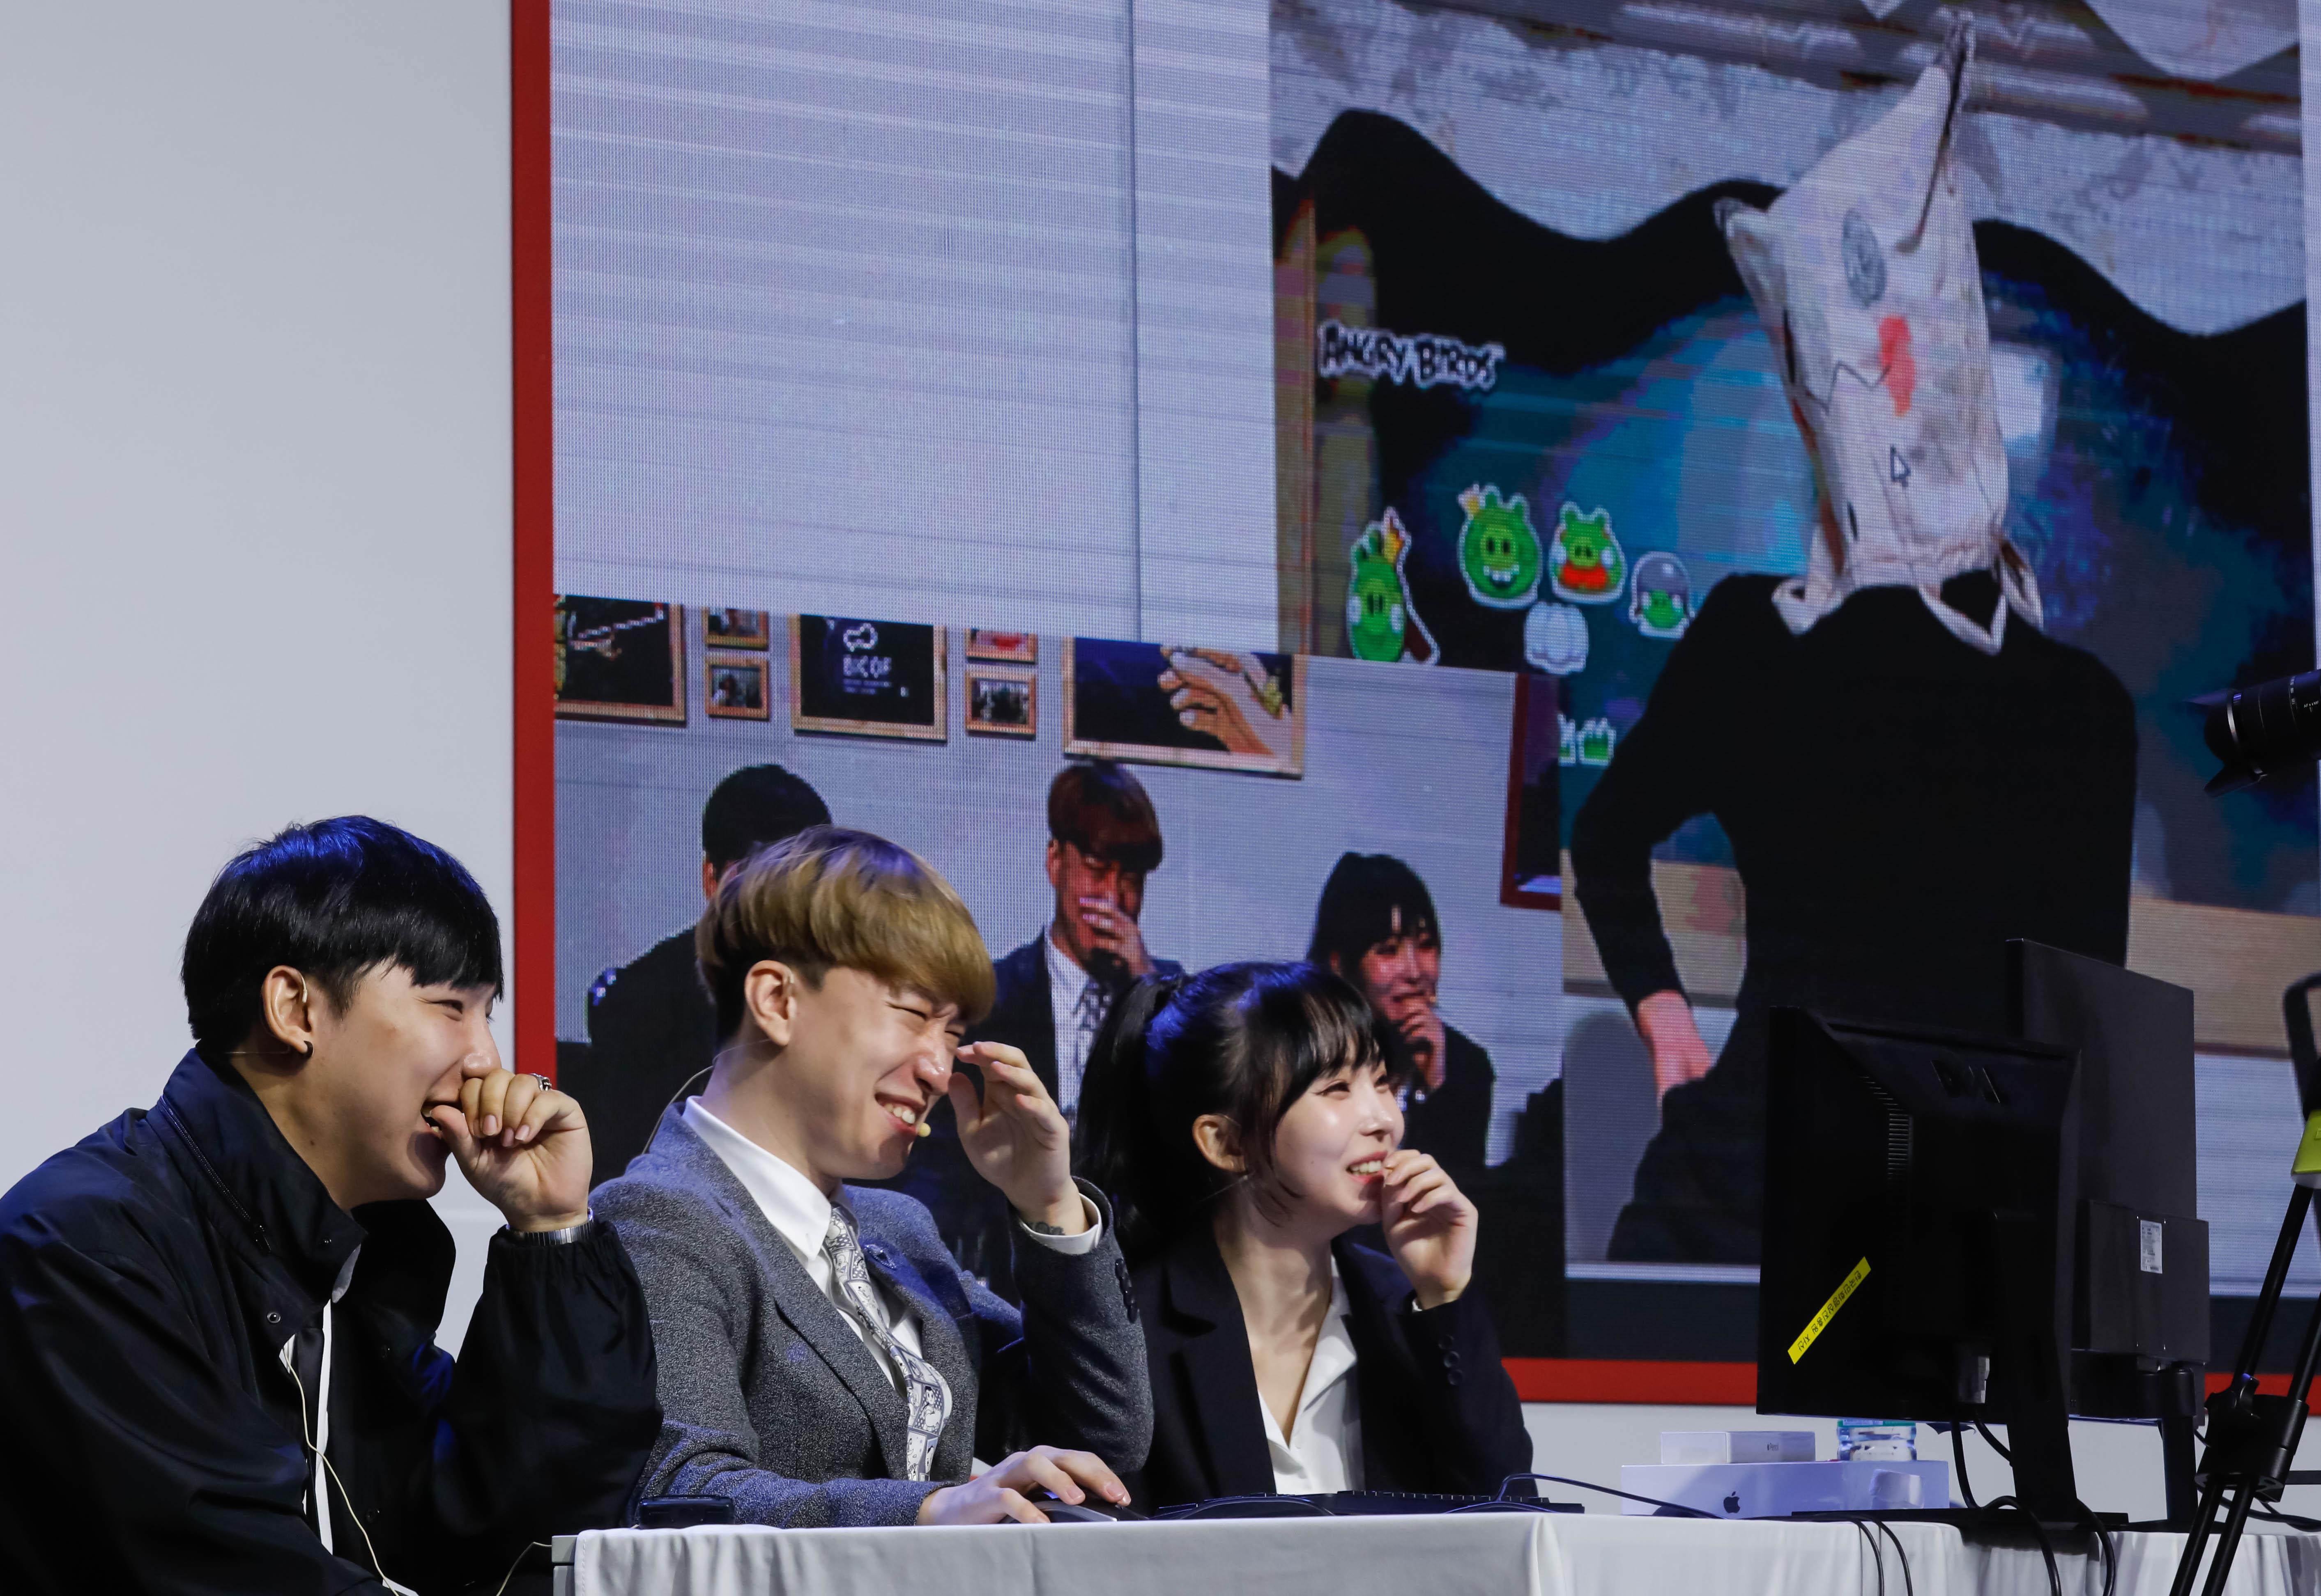 니코쩔 행사 사진 박은혁 와나나 밍선하.jpg